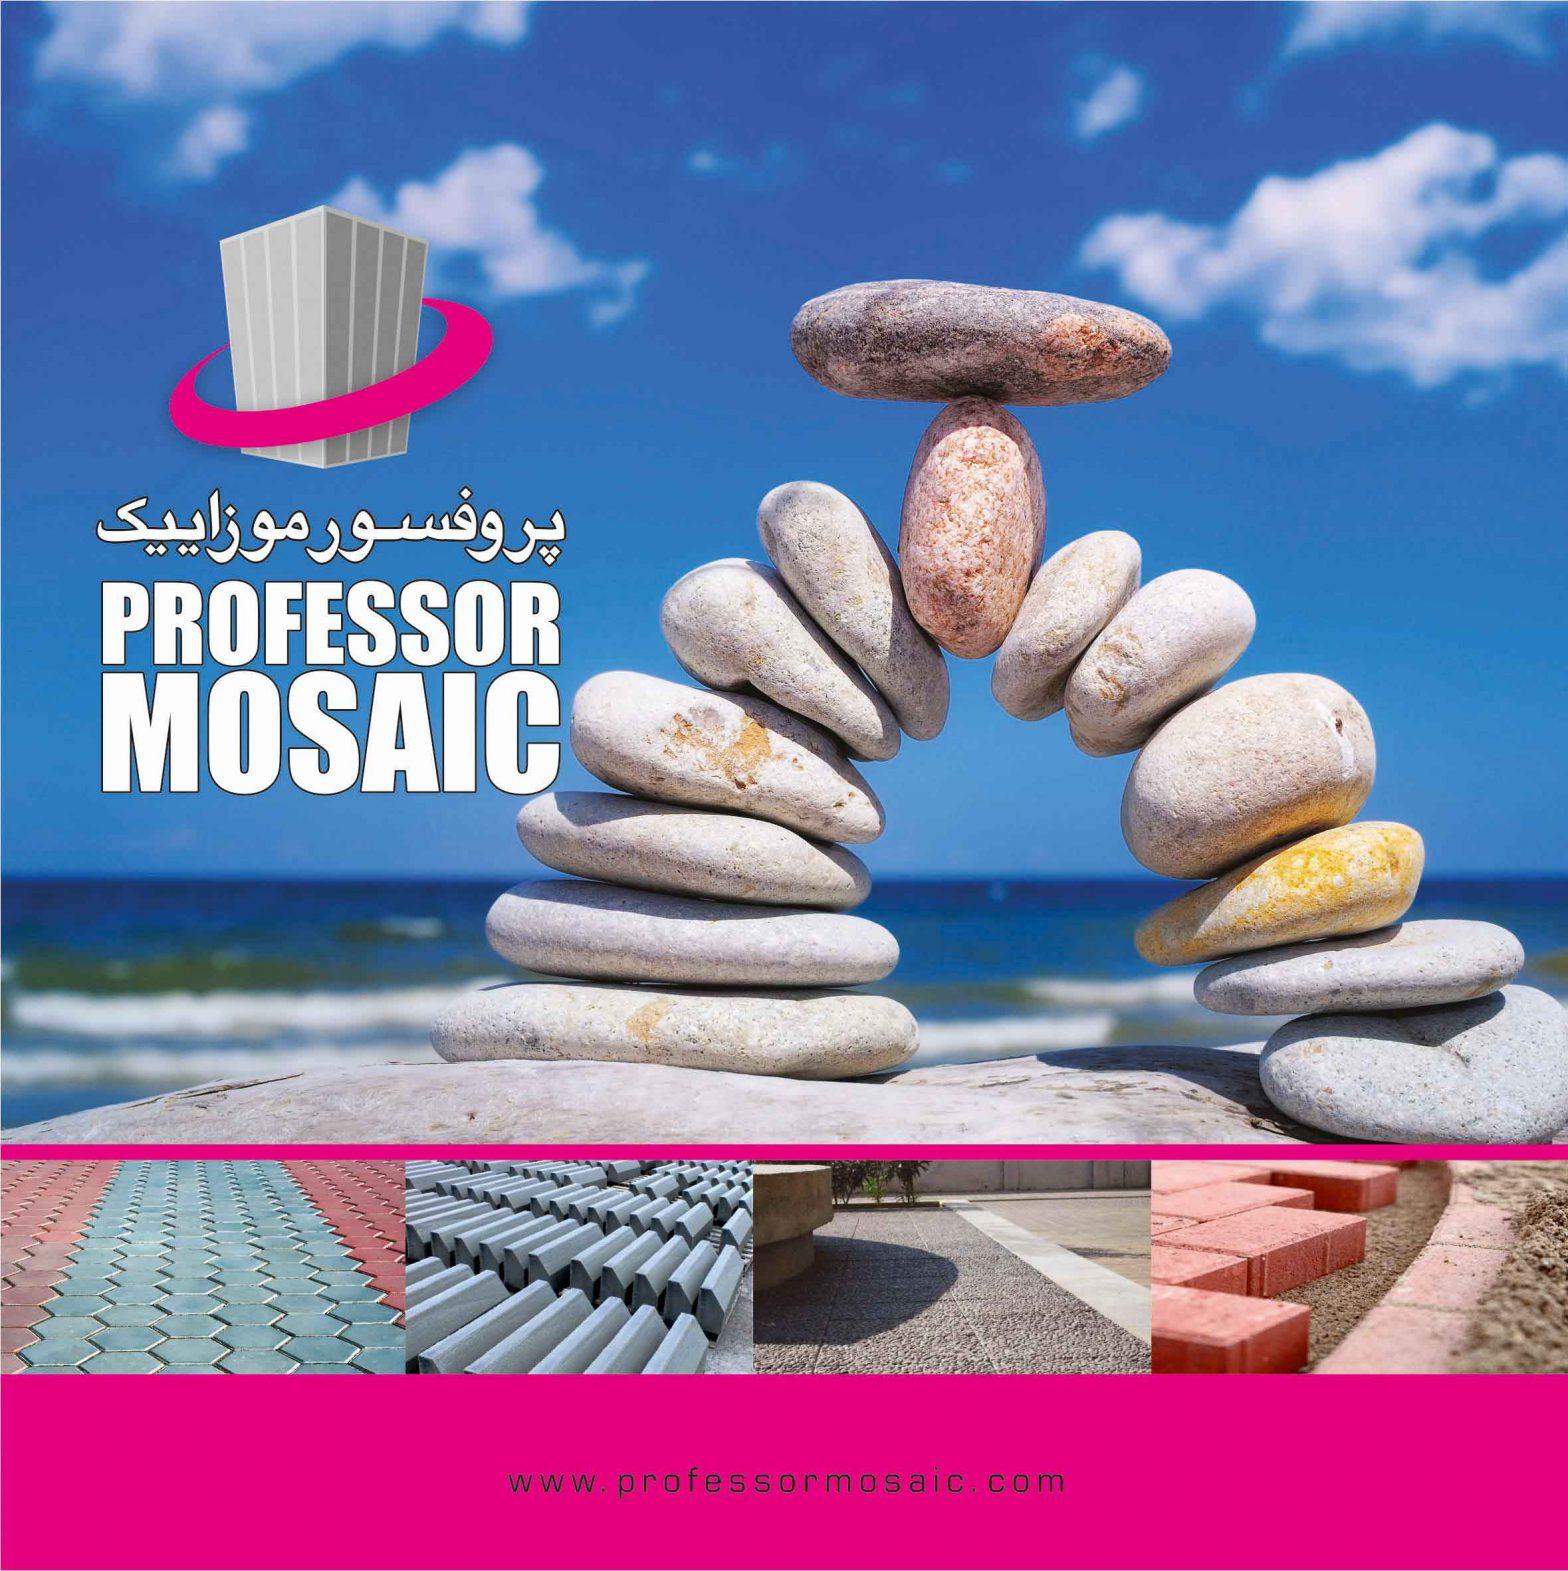 پروفسور موزاییک